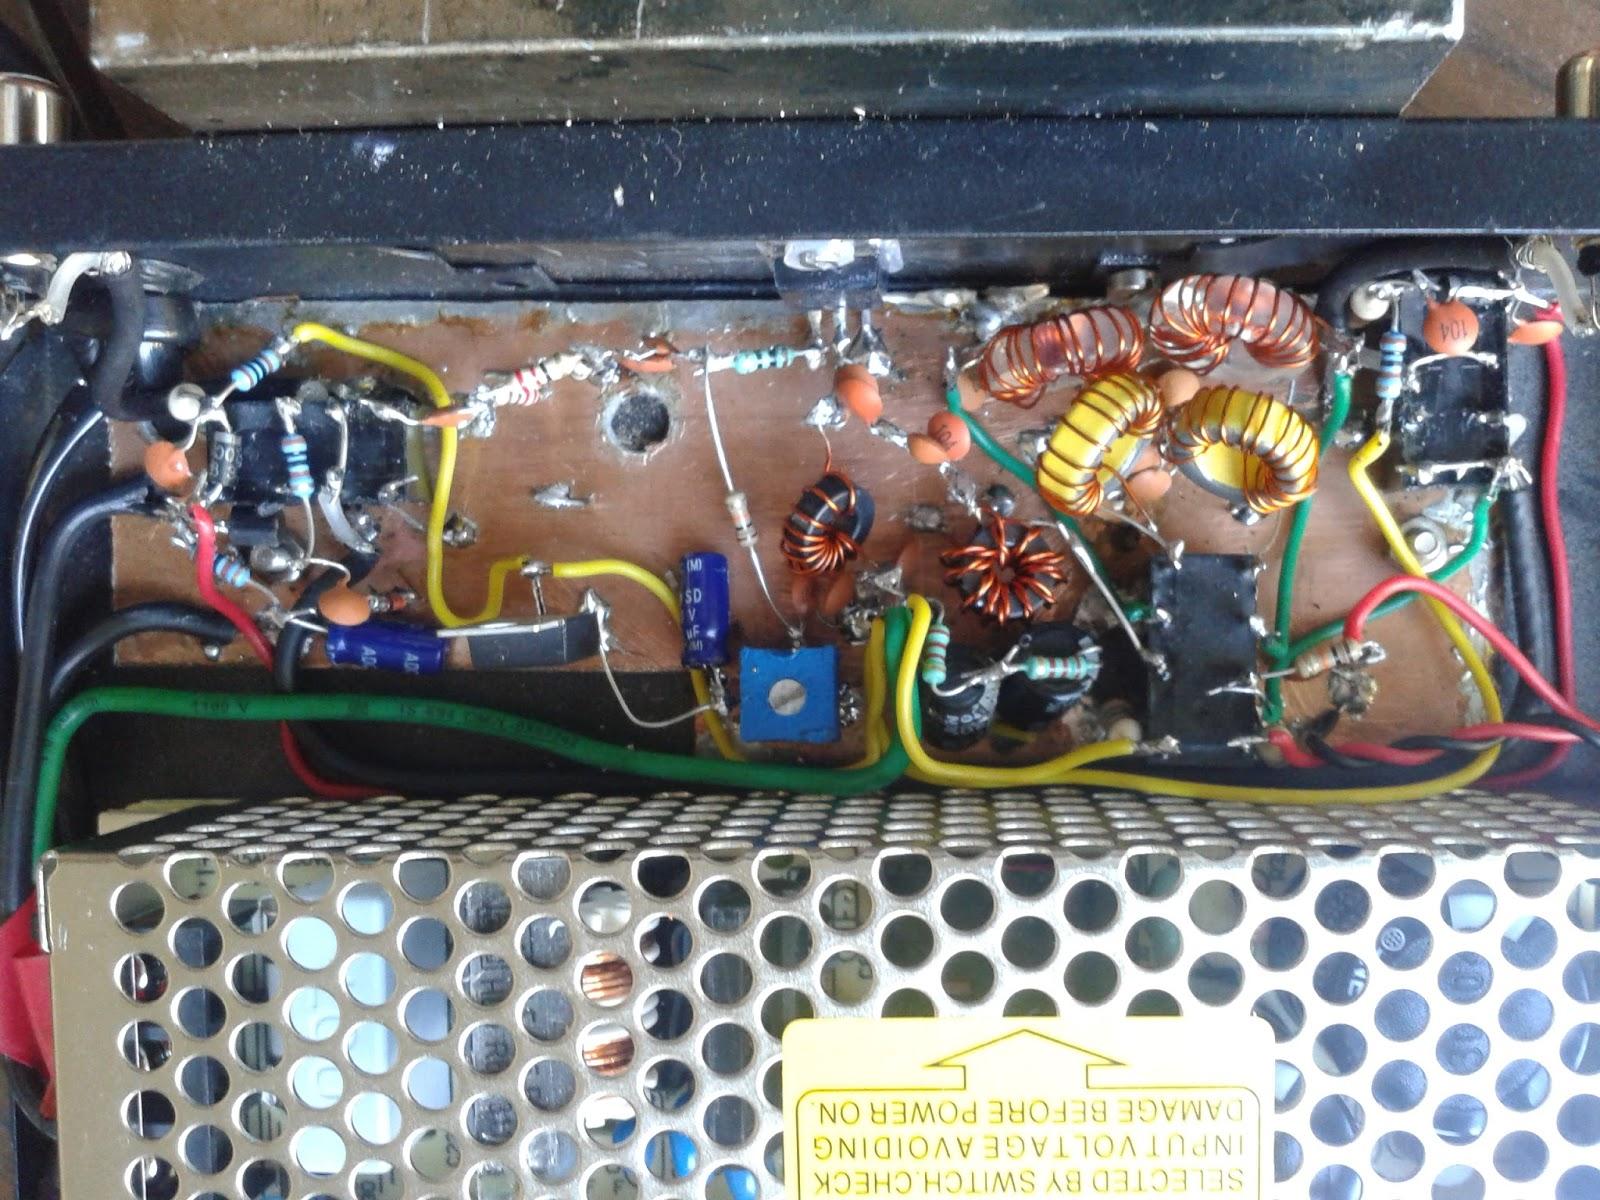 VU2ESE - Amplificateur linéaire 25W IRF510